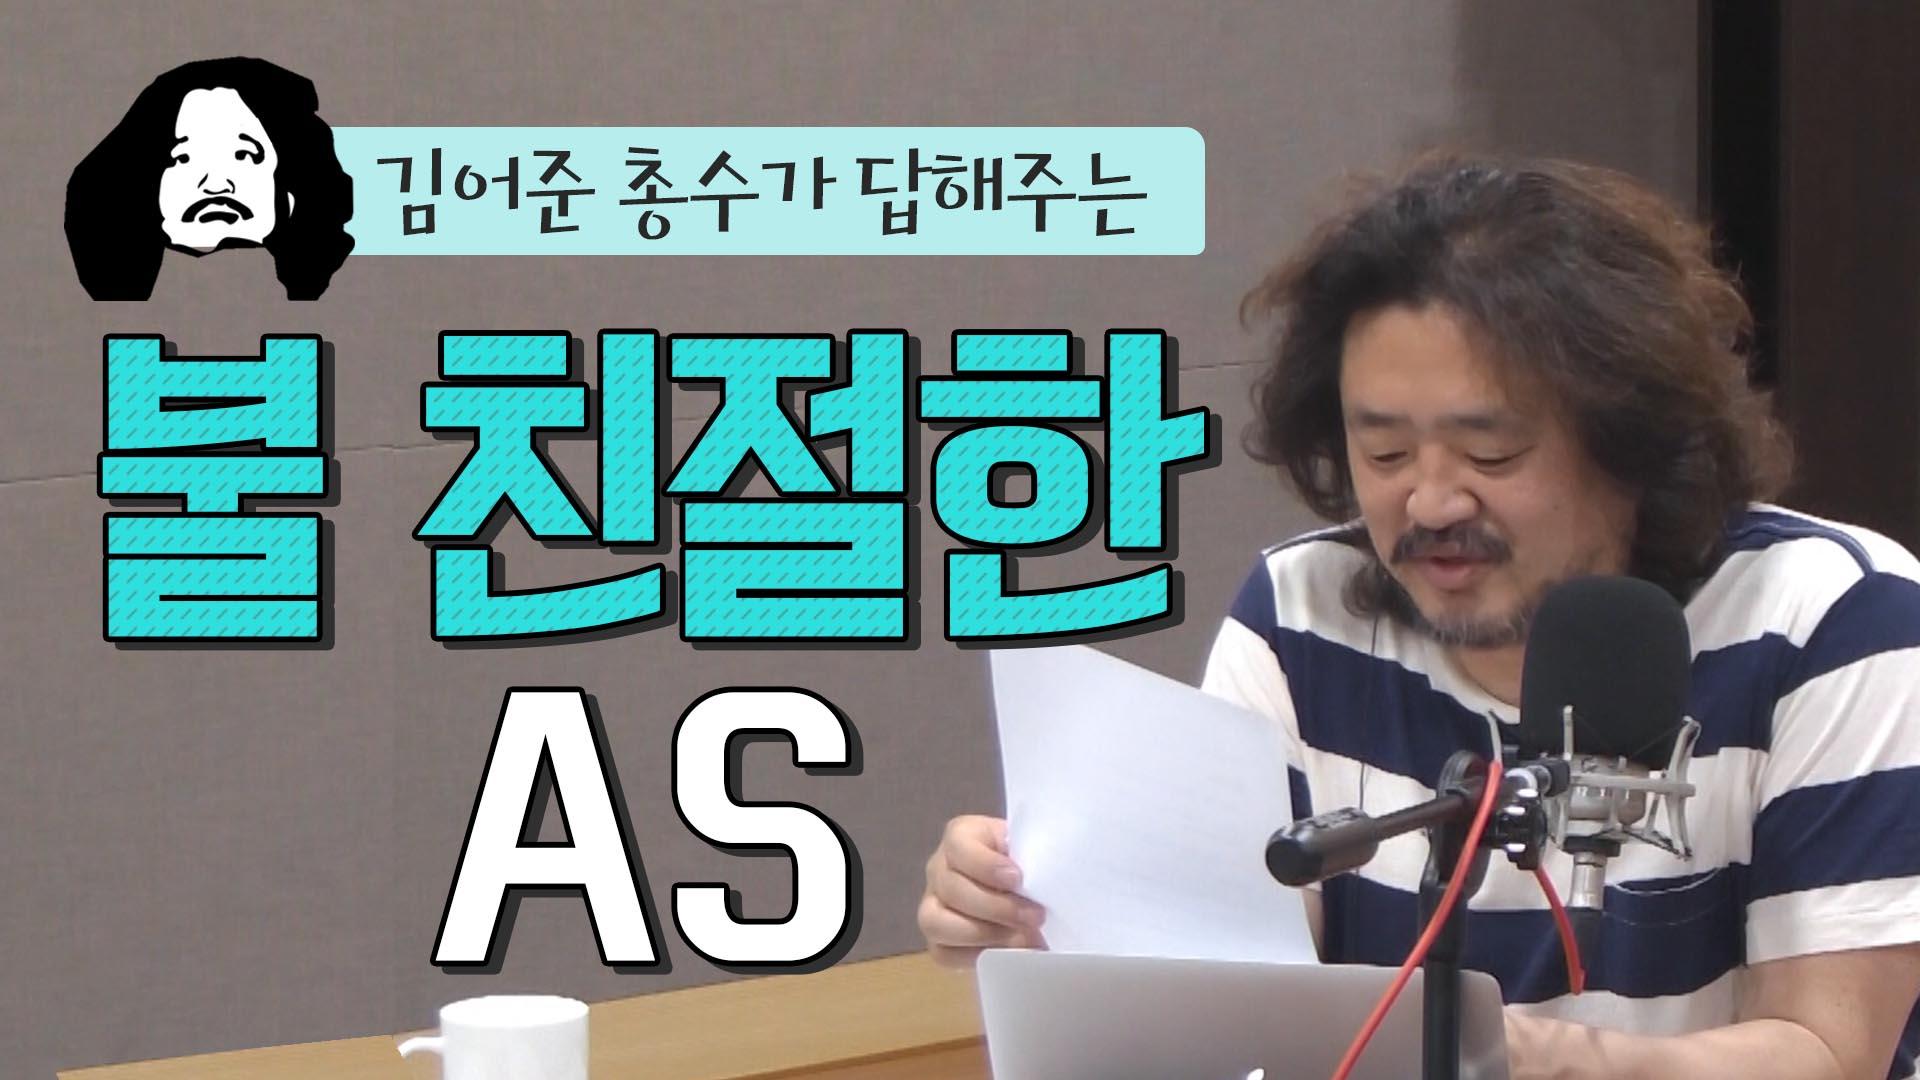 [김어준의 뉴스공장 / 불 친절한 AS] 시청자의 소원! 제발 도올선생님을 고정으로!